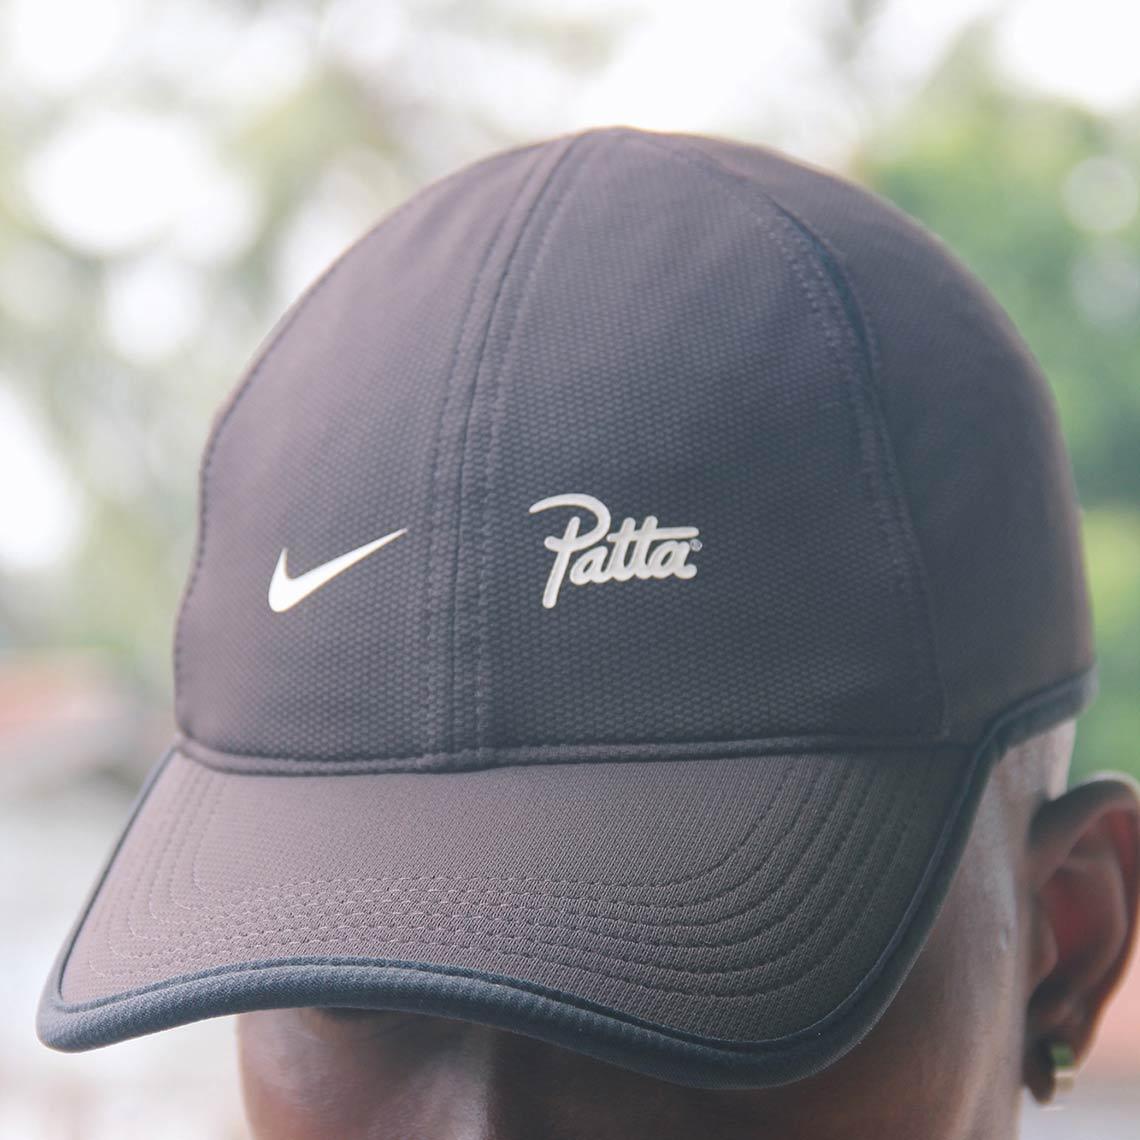 Patta Nike Air Max 95 90 Release Info + Photos  55d697c5e86